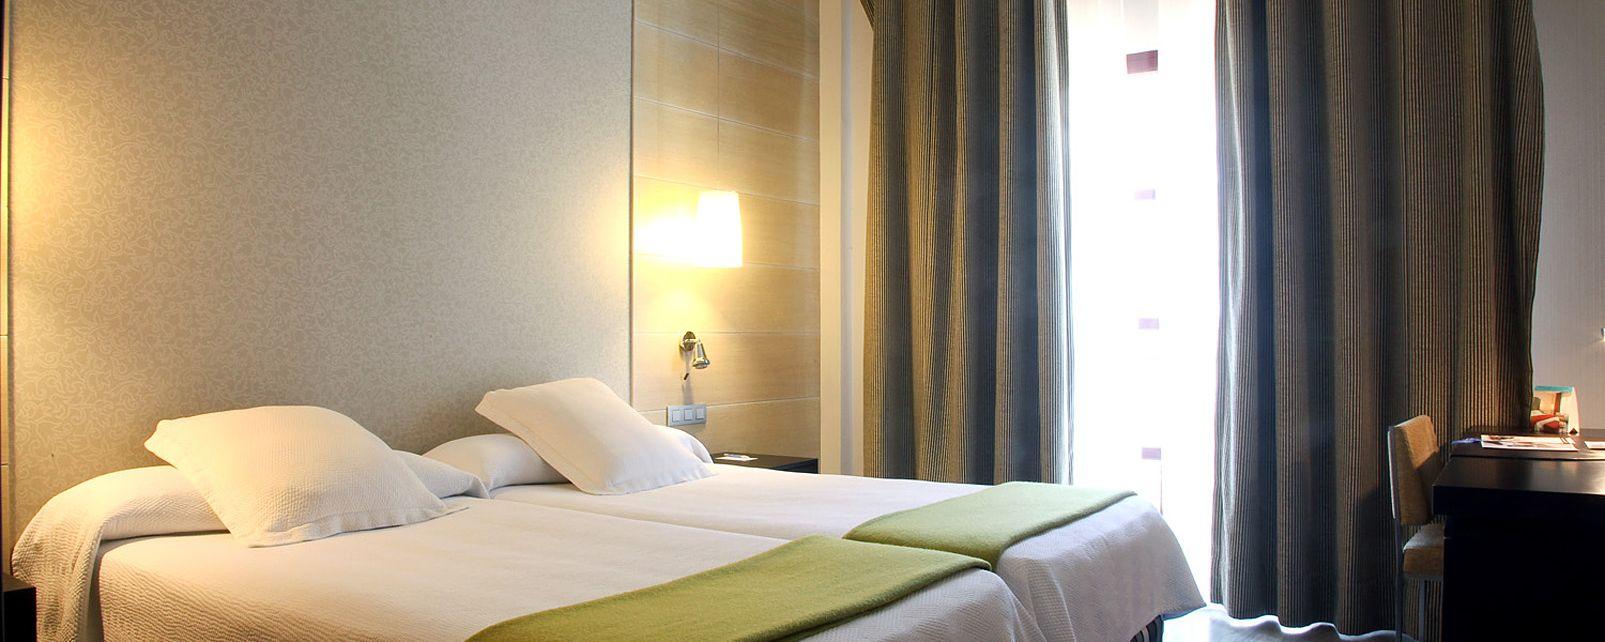 Hôtel NH Amistad Córdoba